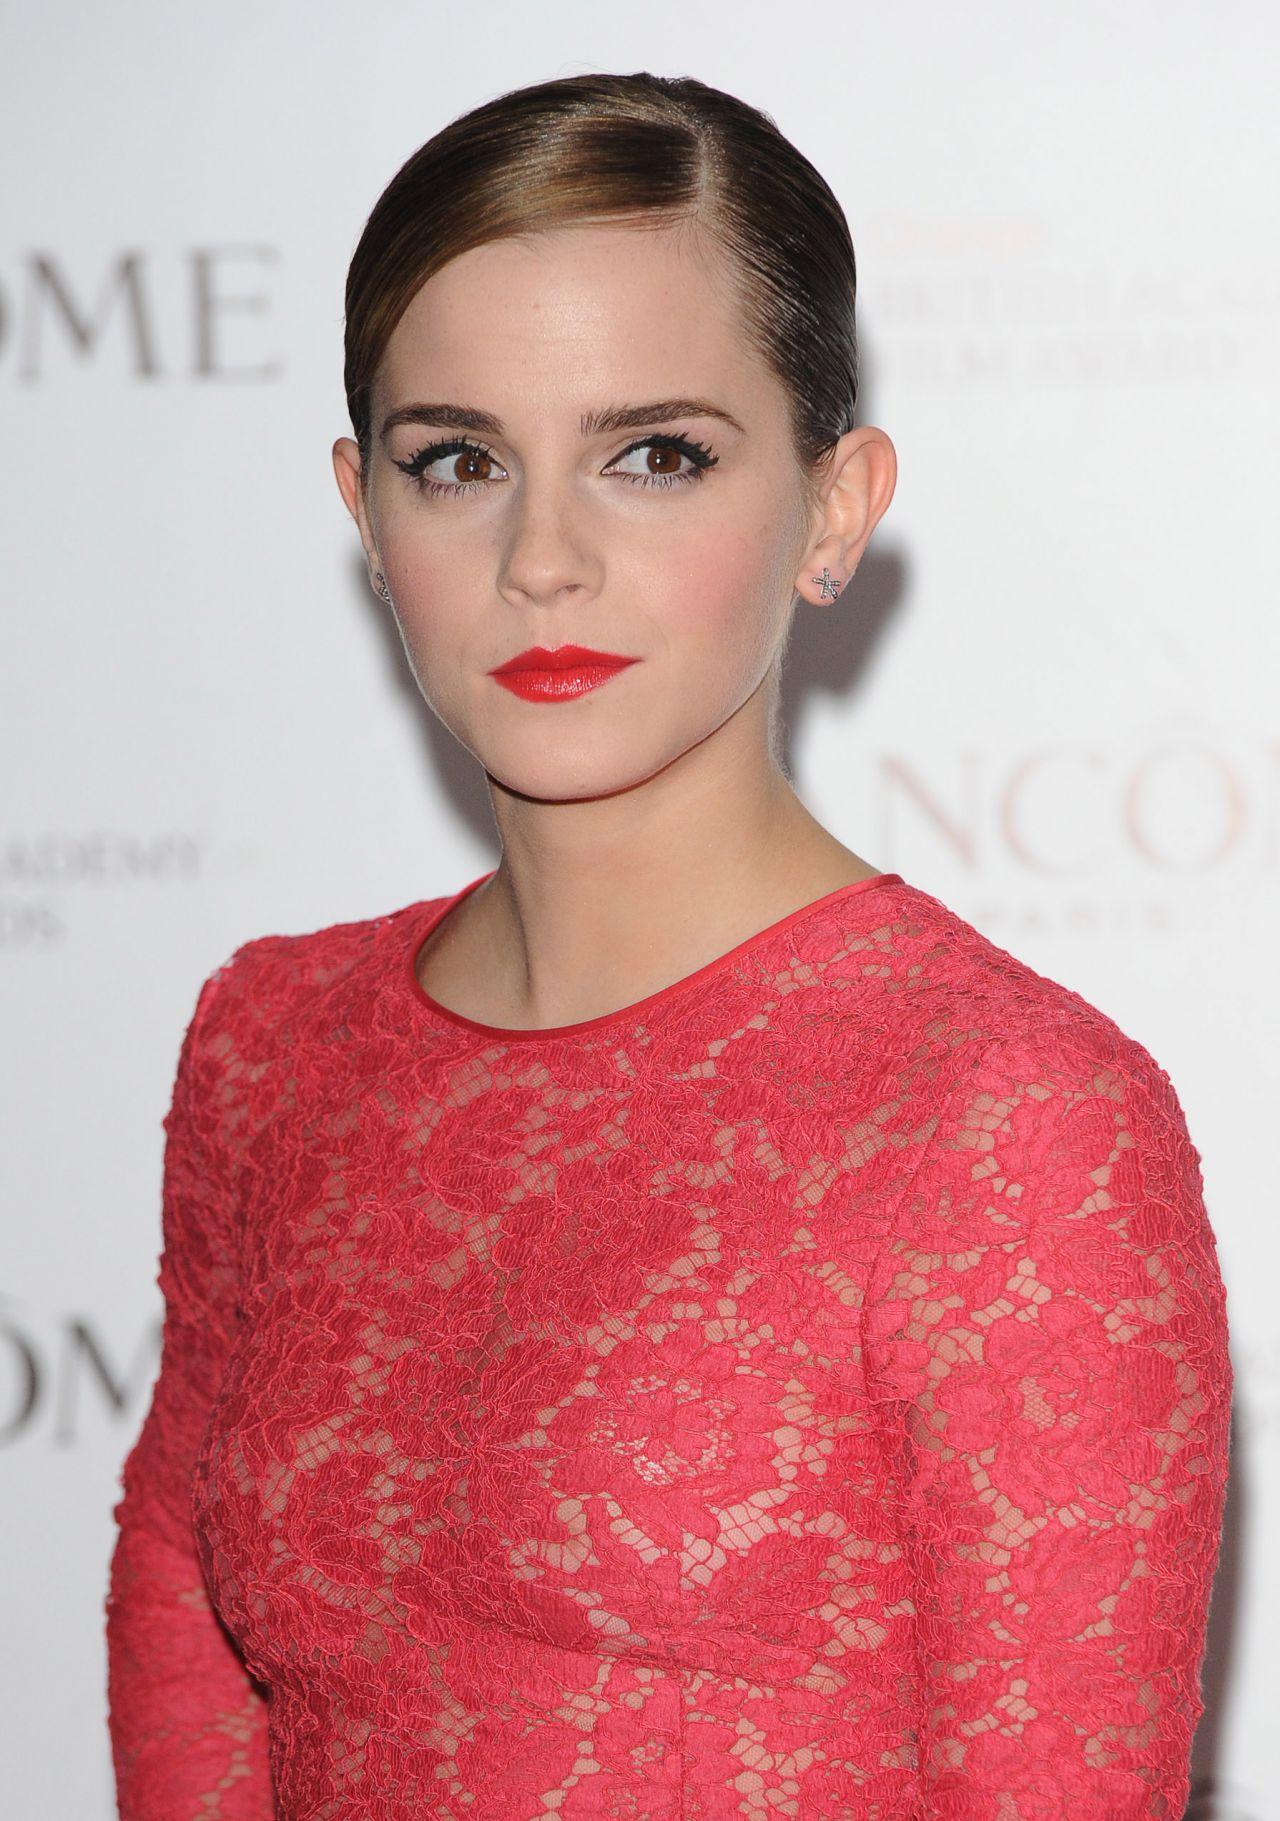 Emma Watson - Pre-Bafta Party in London, October 2016 Emma Watson